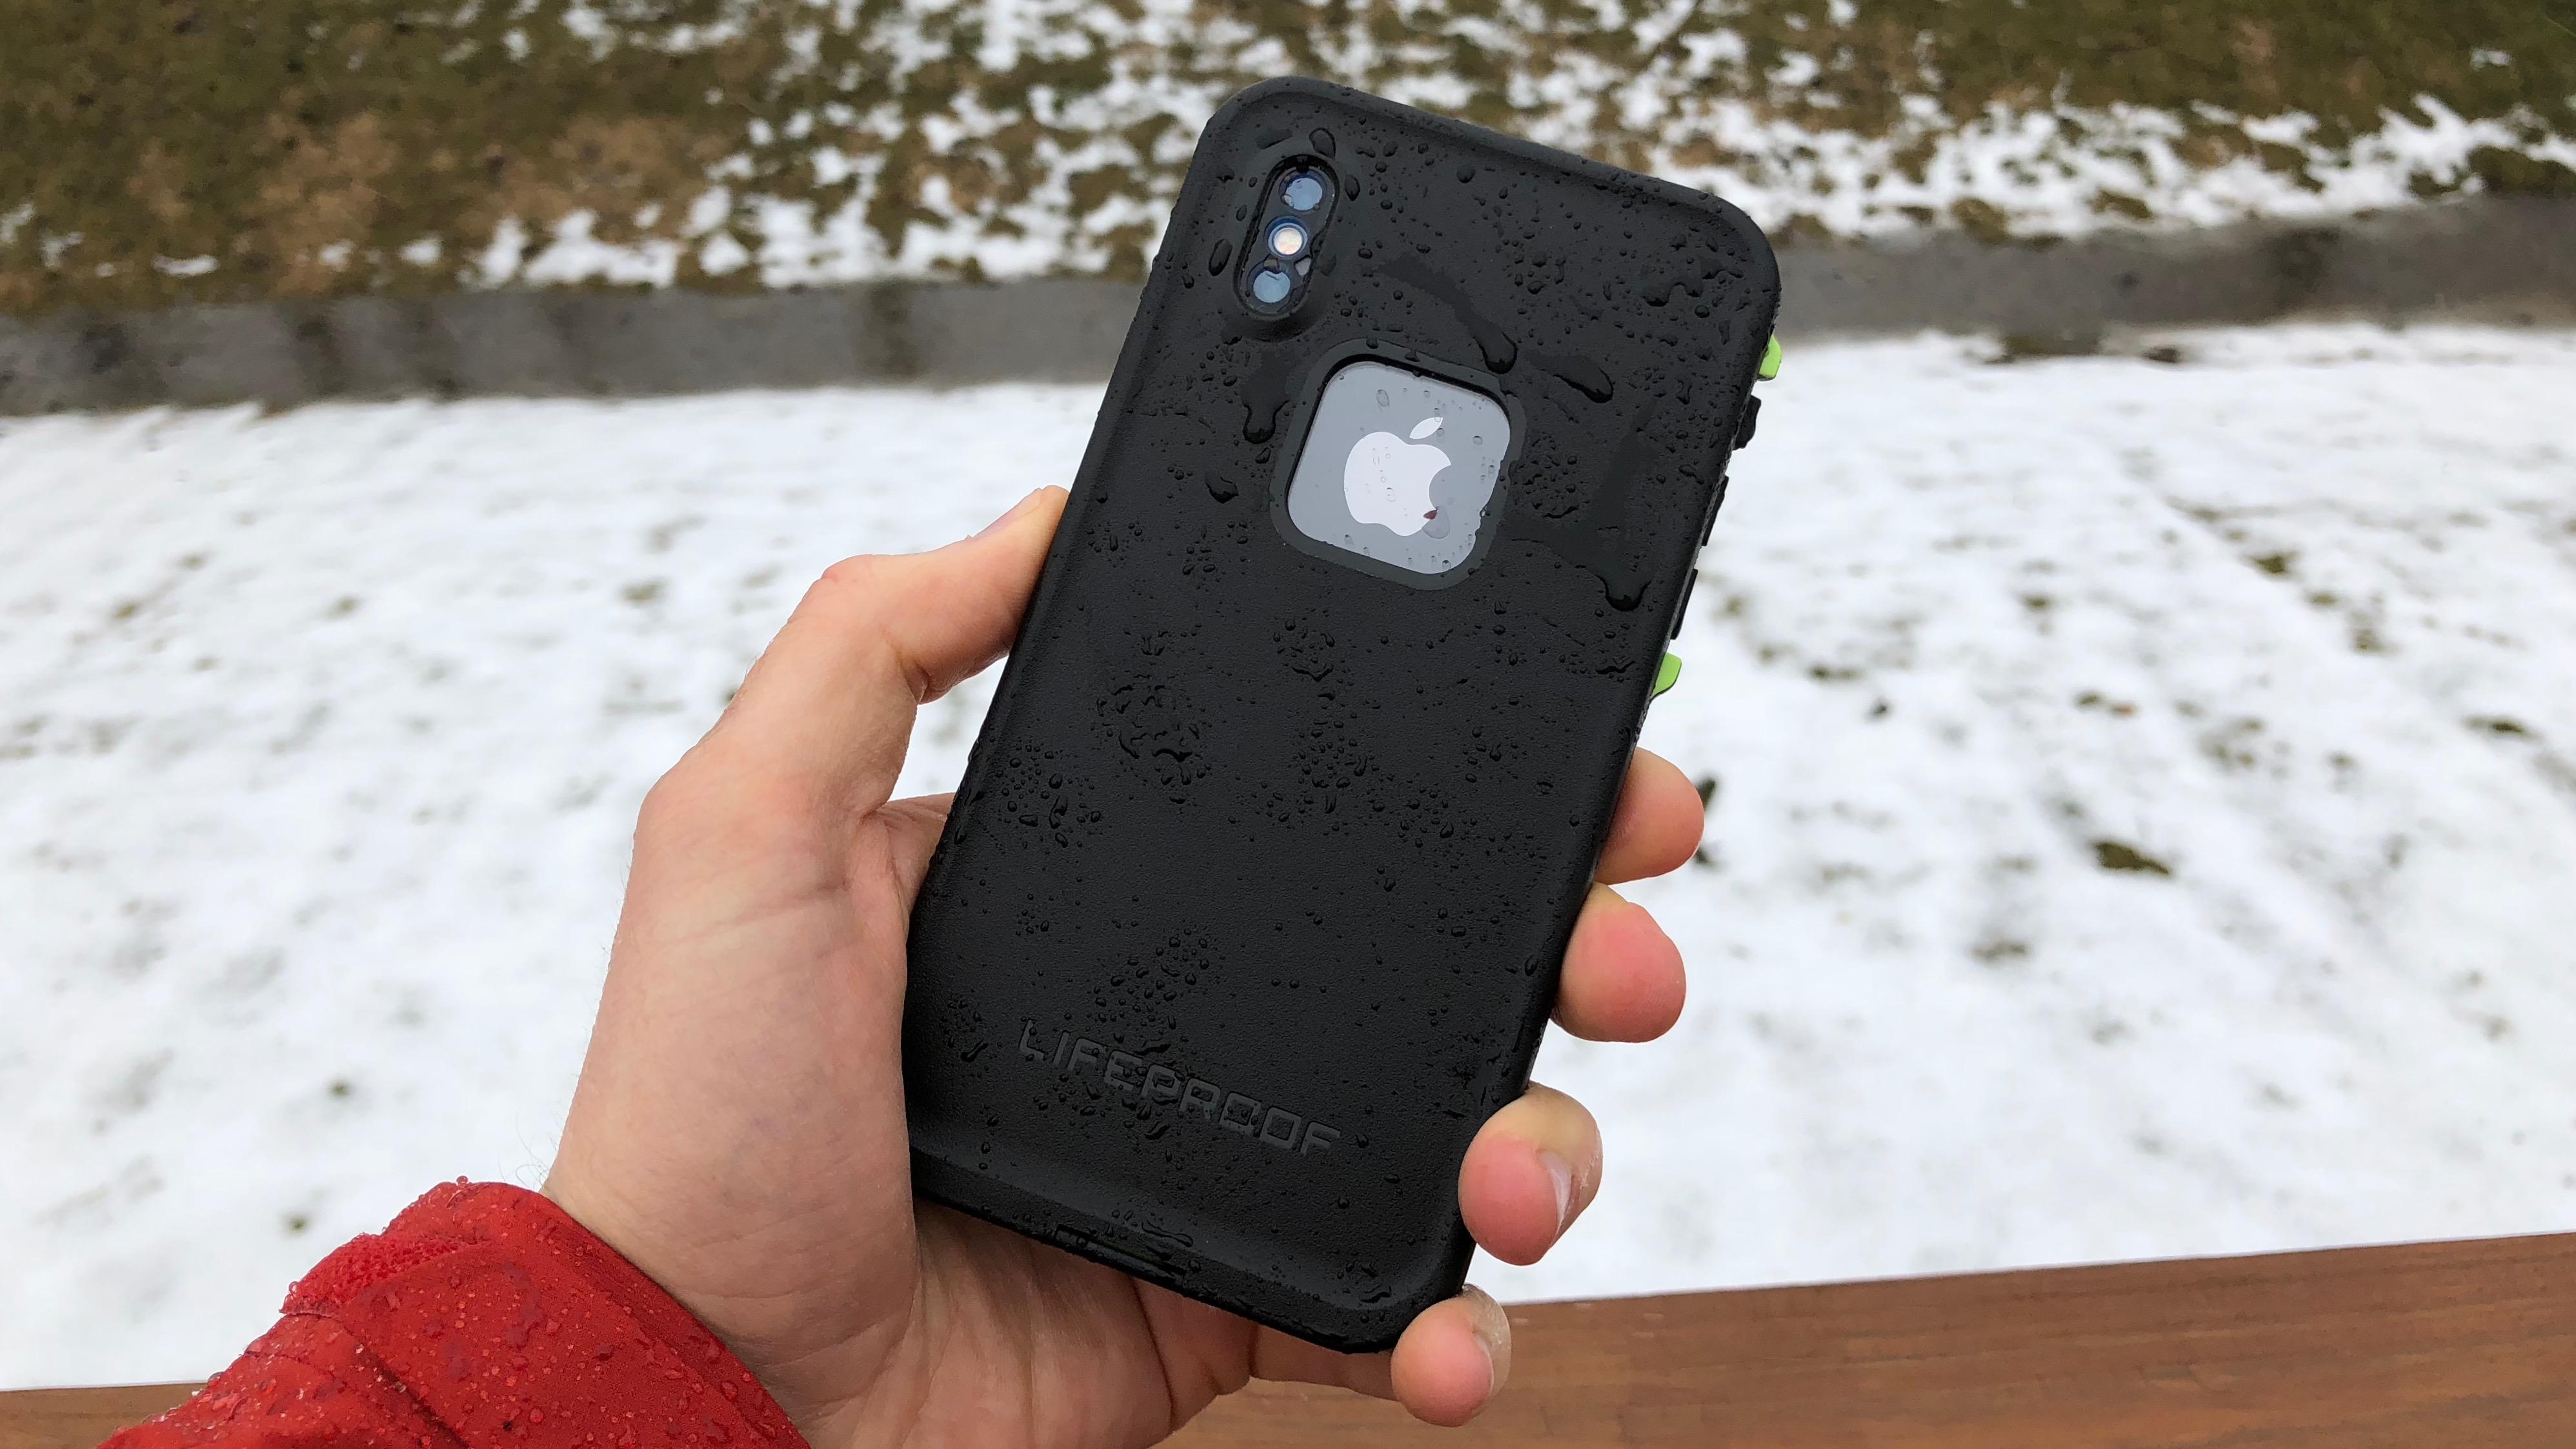 Lifeproof x case deals